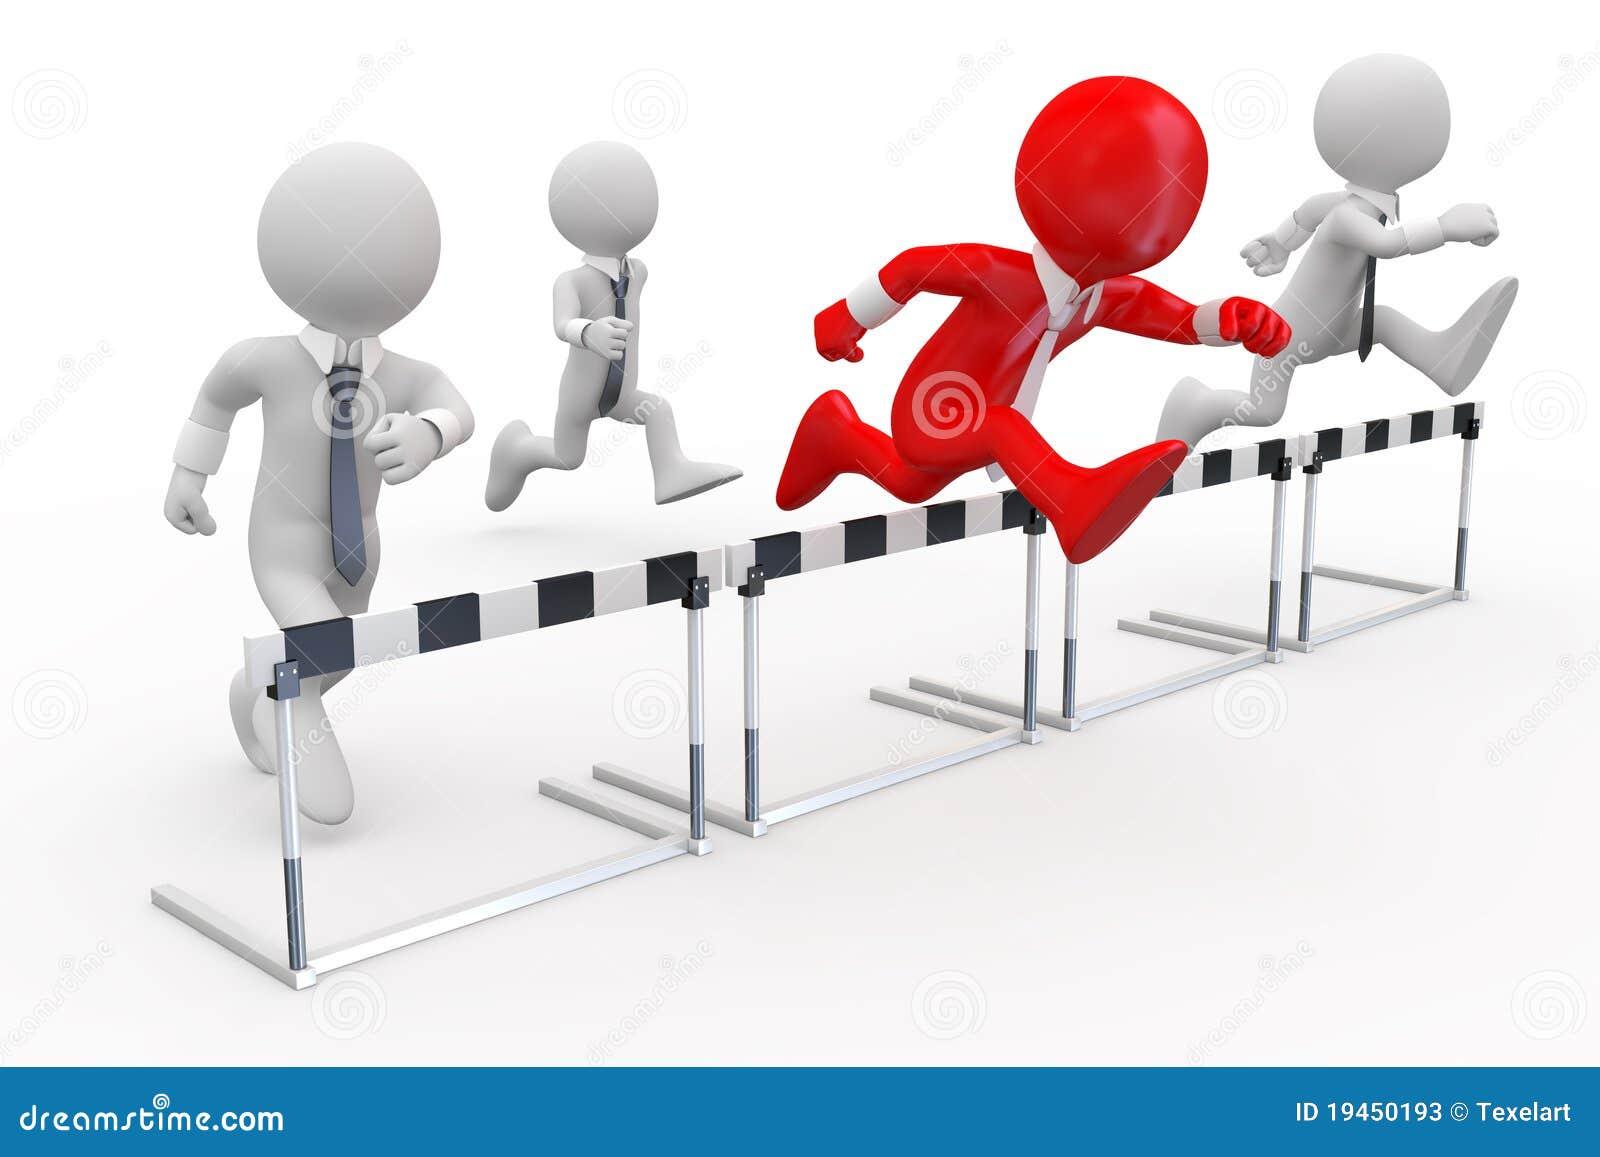 Hombres de negocios en una carrera de vallas stock de - Imagen de vallas ...